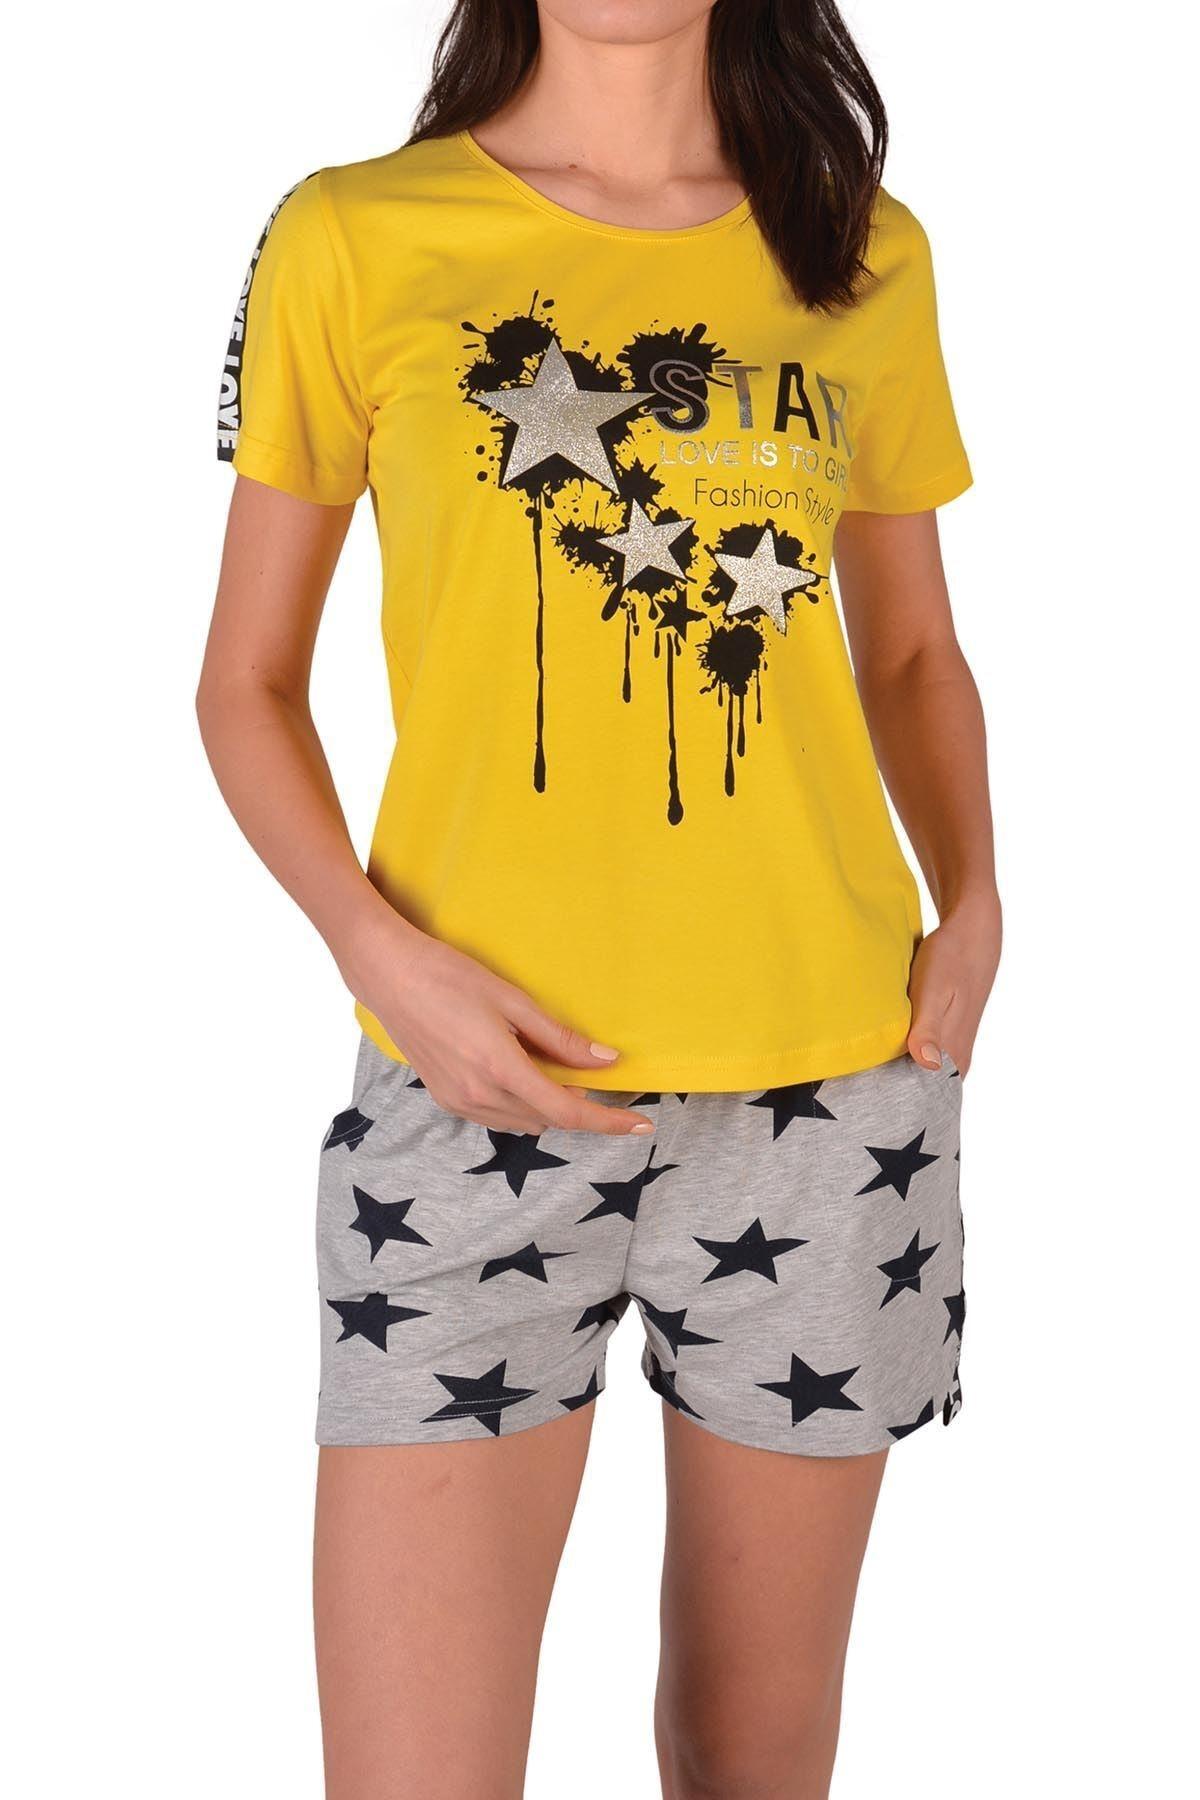 Nicoletta Sarı Kadın Şortlu Pijama Takımı Kısa Kollu Cepli Pamuk 1